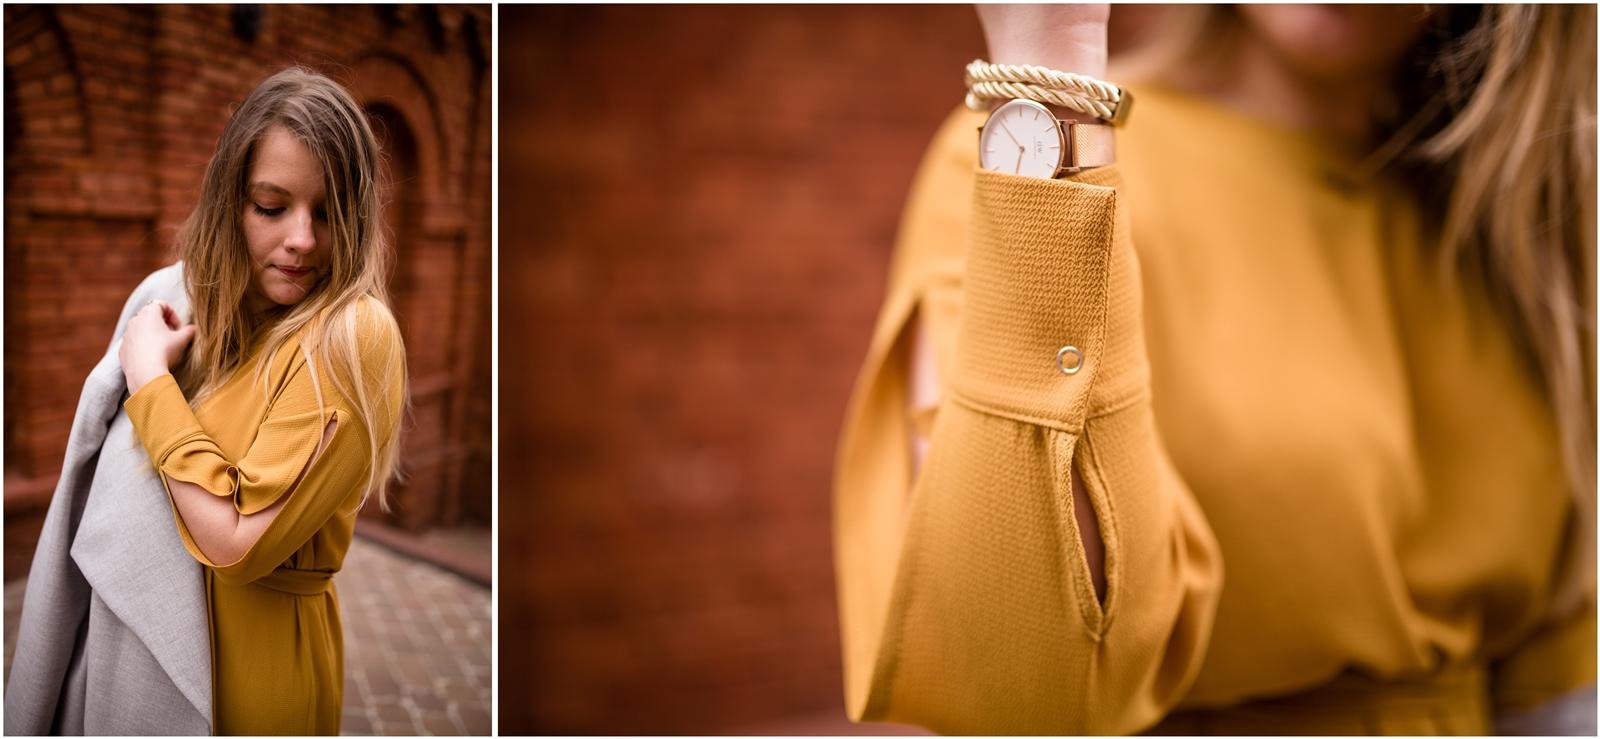 vivitt jakość opinie eleganckie płaszcze sukienki ubrania stylizacje na wiosnę na randkę do pracy na rozmowę o pracę